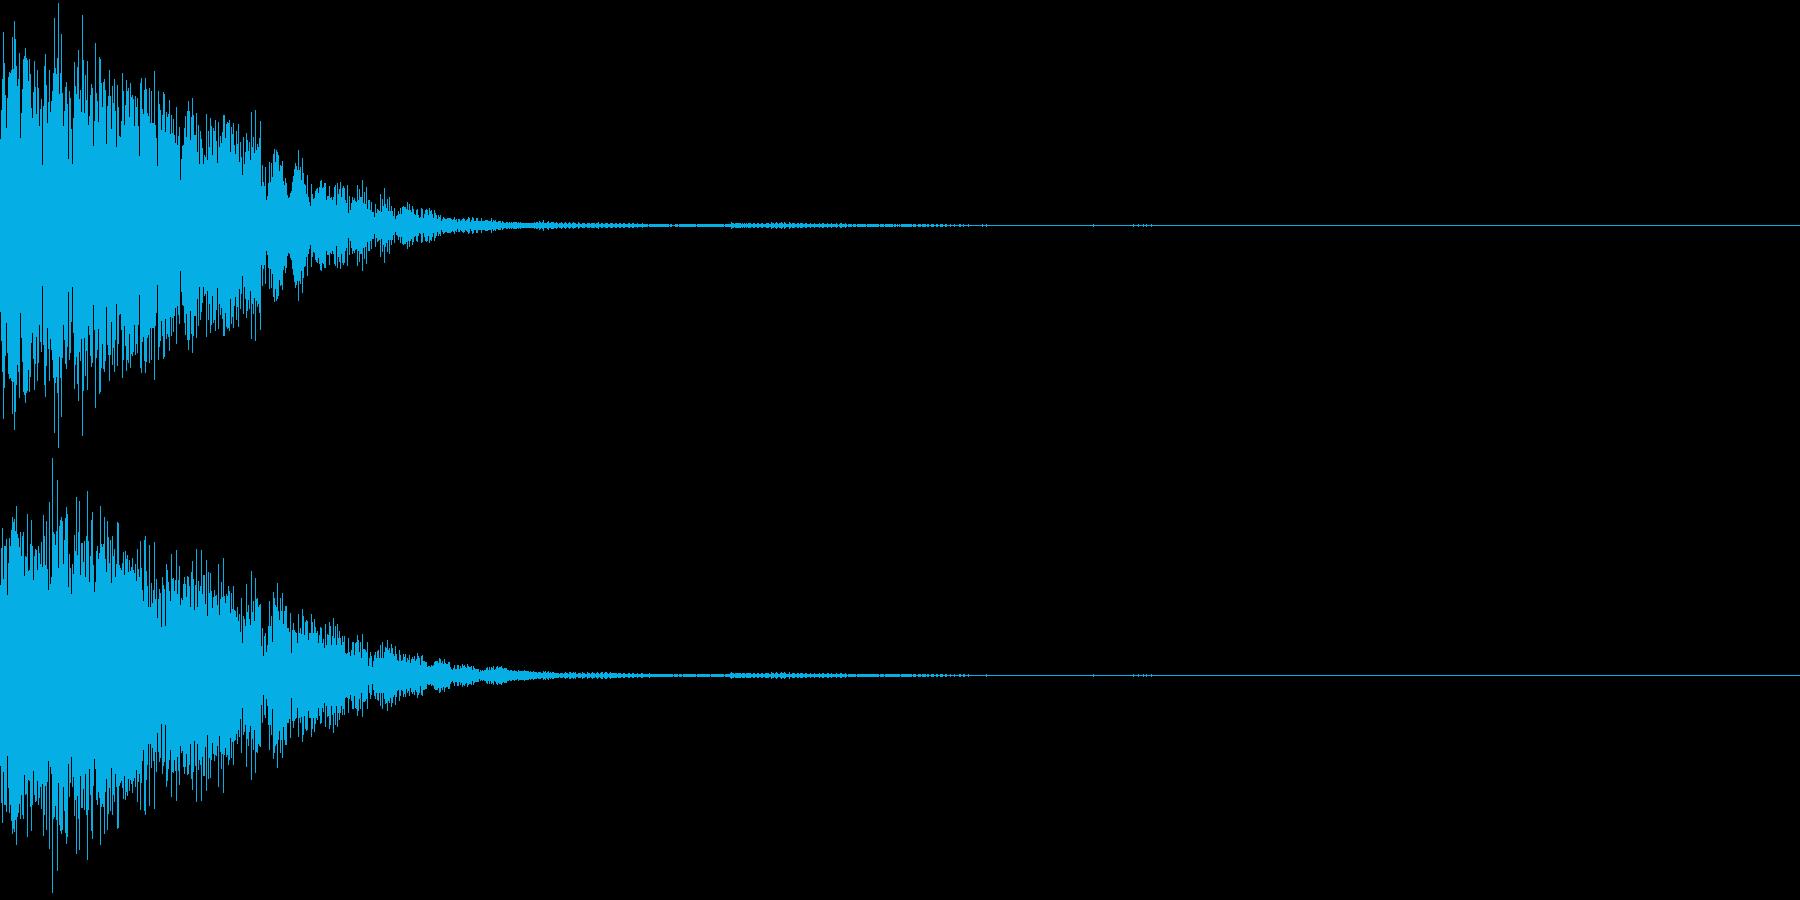 クリック音、キラン、キュイン、ピコン01の再生済みの波形